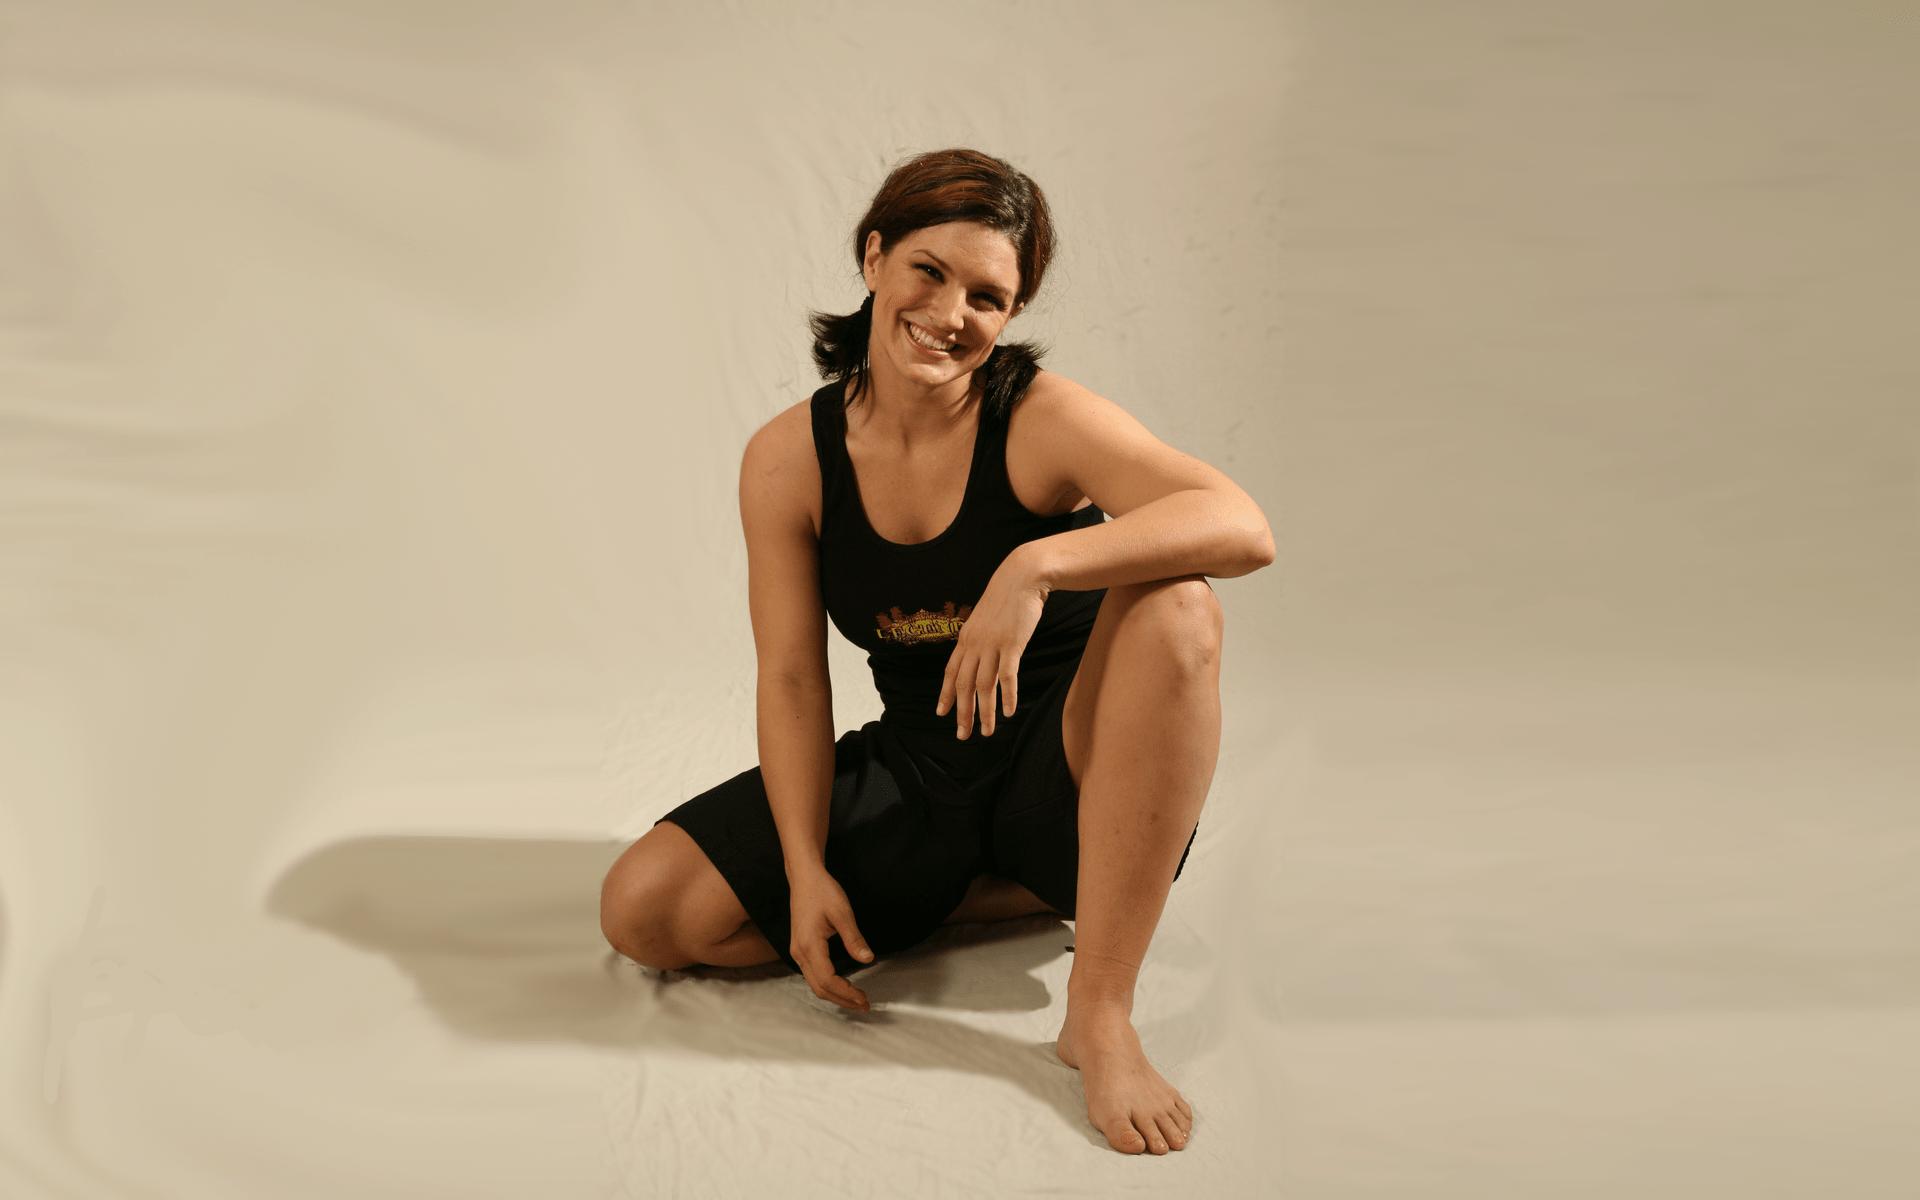 Gina Carano High